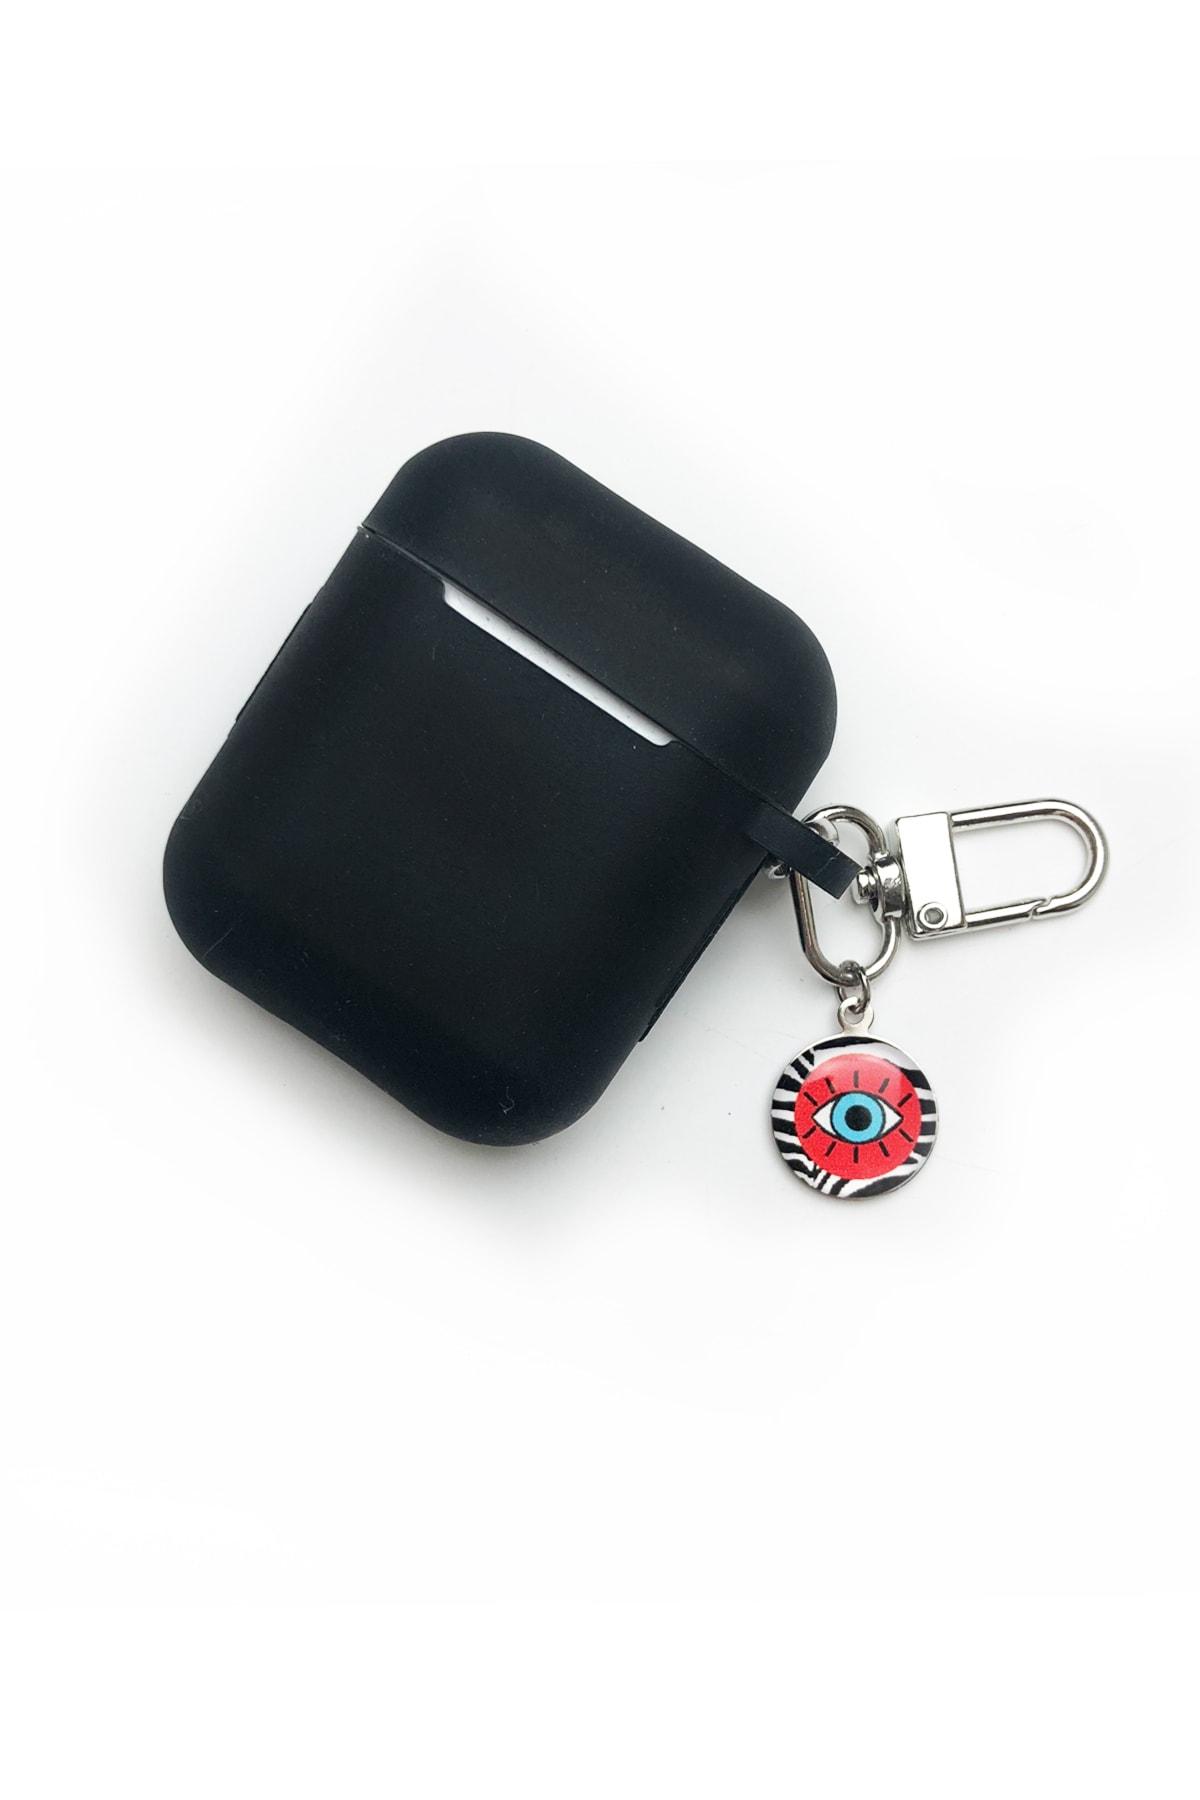 hey lori - Siyah Apple Airpods Yumuşak Silikon Kılıf 1